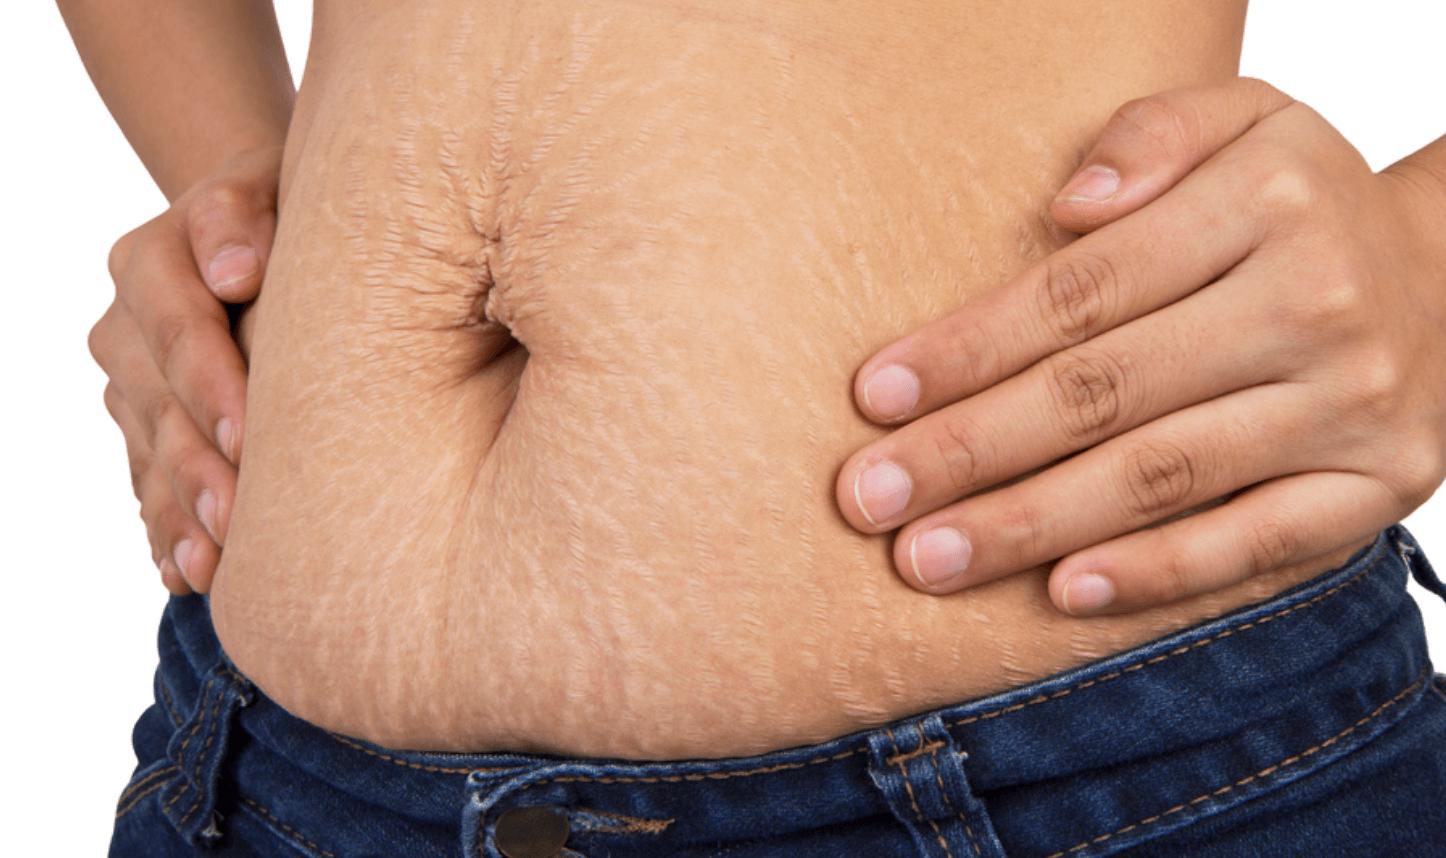 لیزر درمانی و بررسی هزینه لیزر شکم